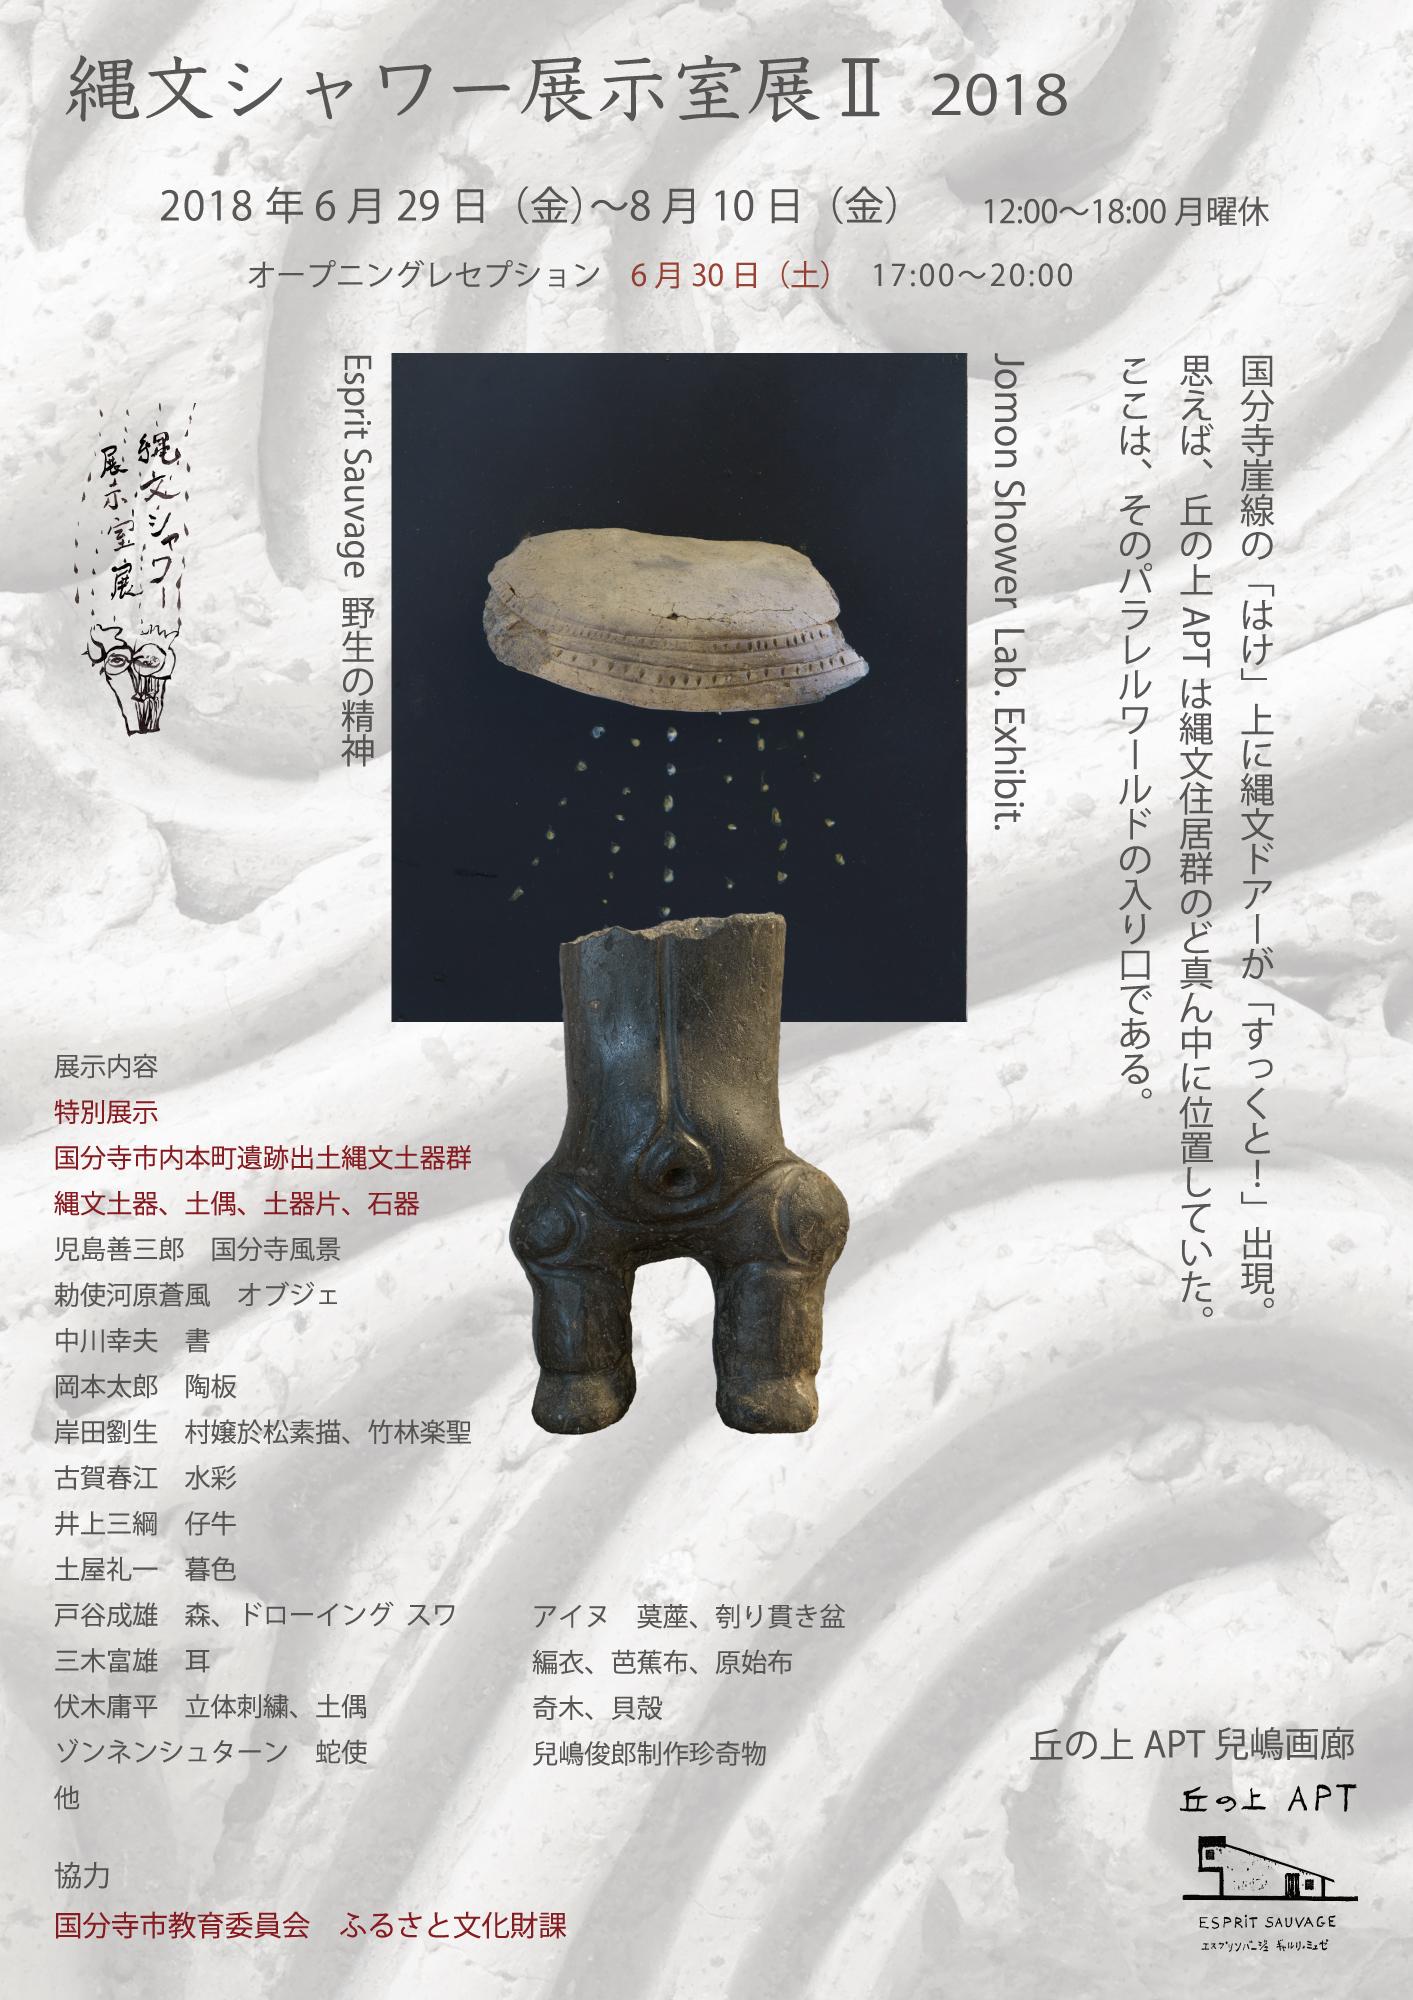 縄文展2018DM表